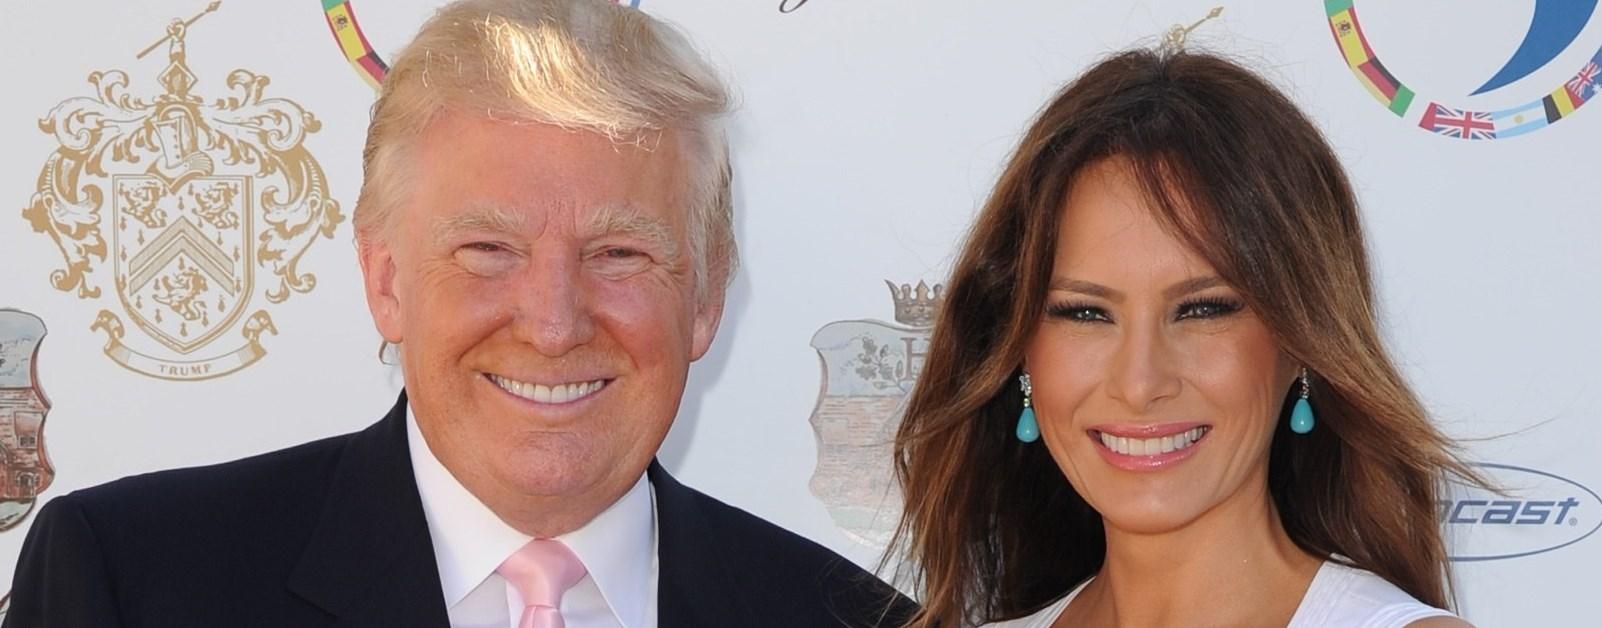 همسر دونالد ترامپ فرزندان دونالد ترامپ رئیس جمهور آمریکا ثروت دونالد ترامپ بیوگرافی ملانیا ترامپ بیوگرافی دونالد ترامپ برج ترامپ ایوانکا دختر ترامپ ایوانا ترامپ Donald Trump